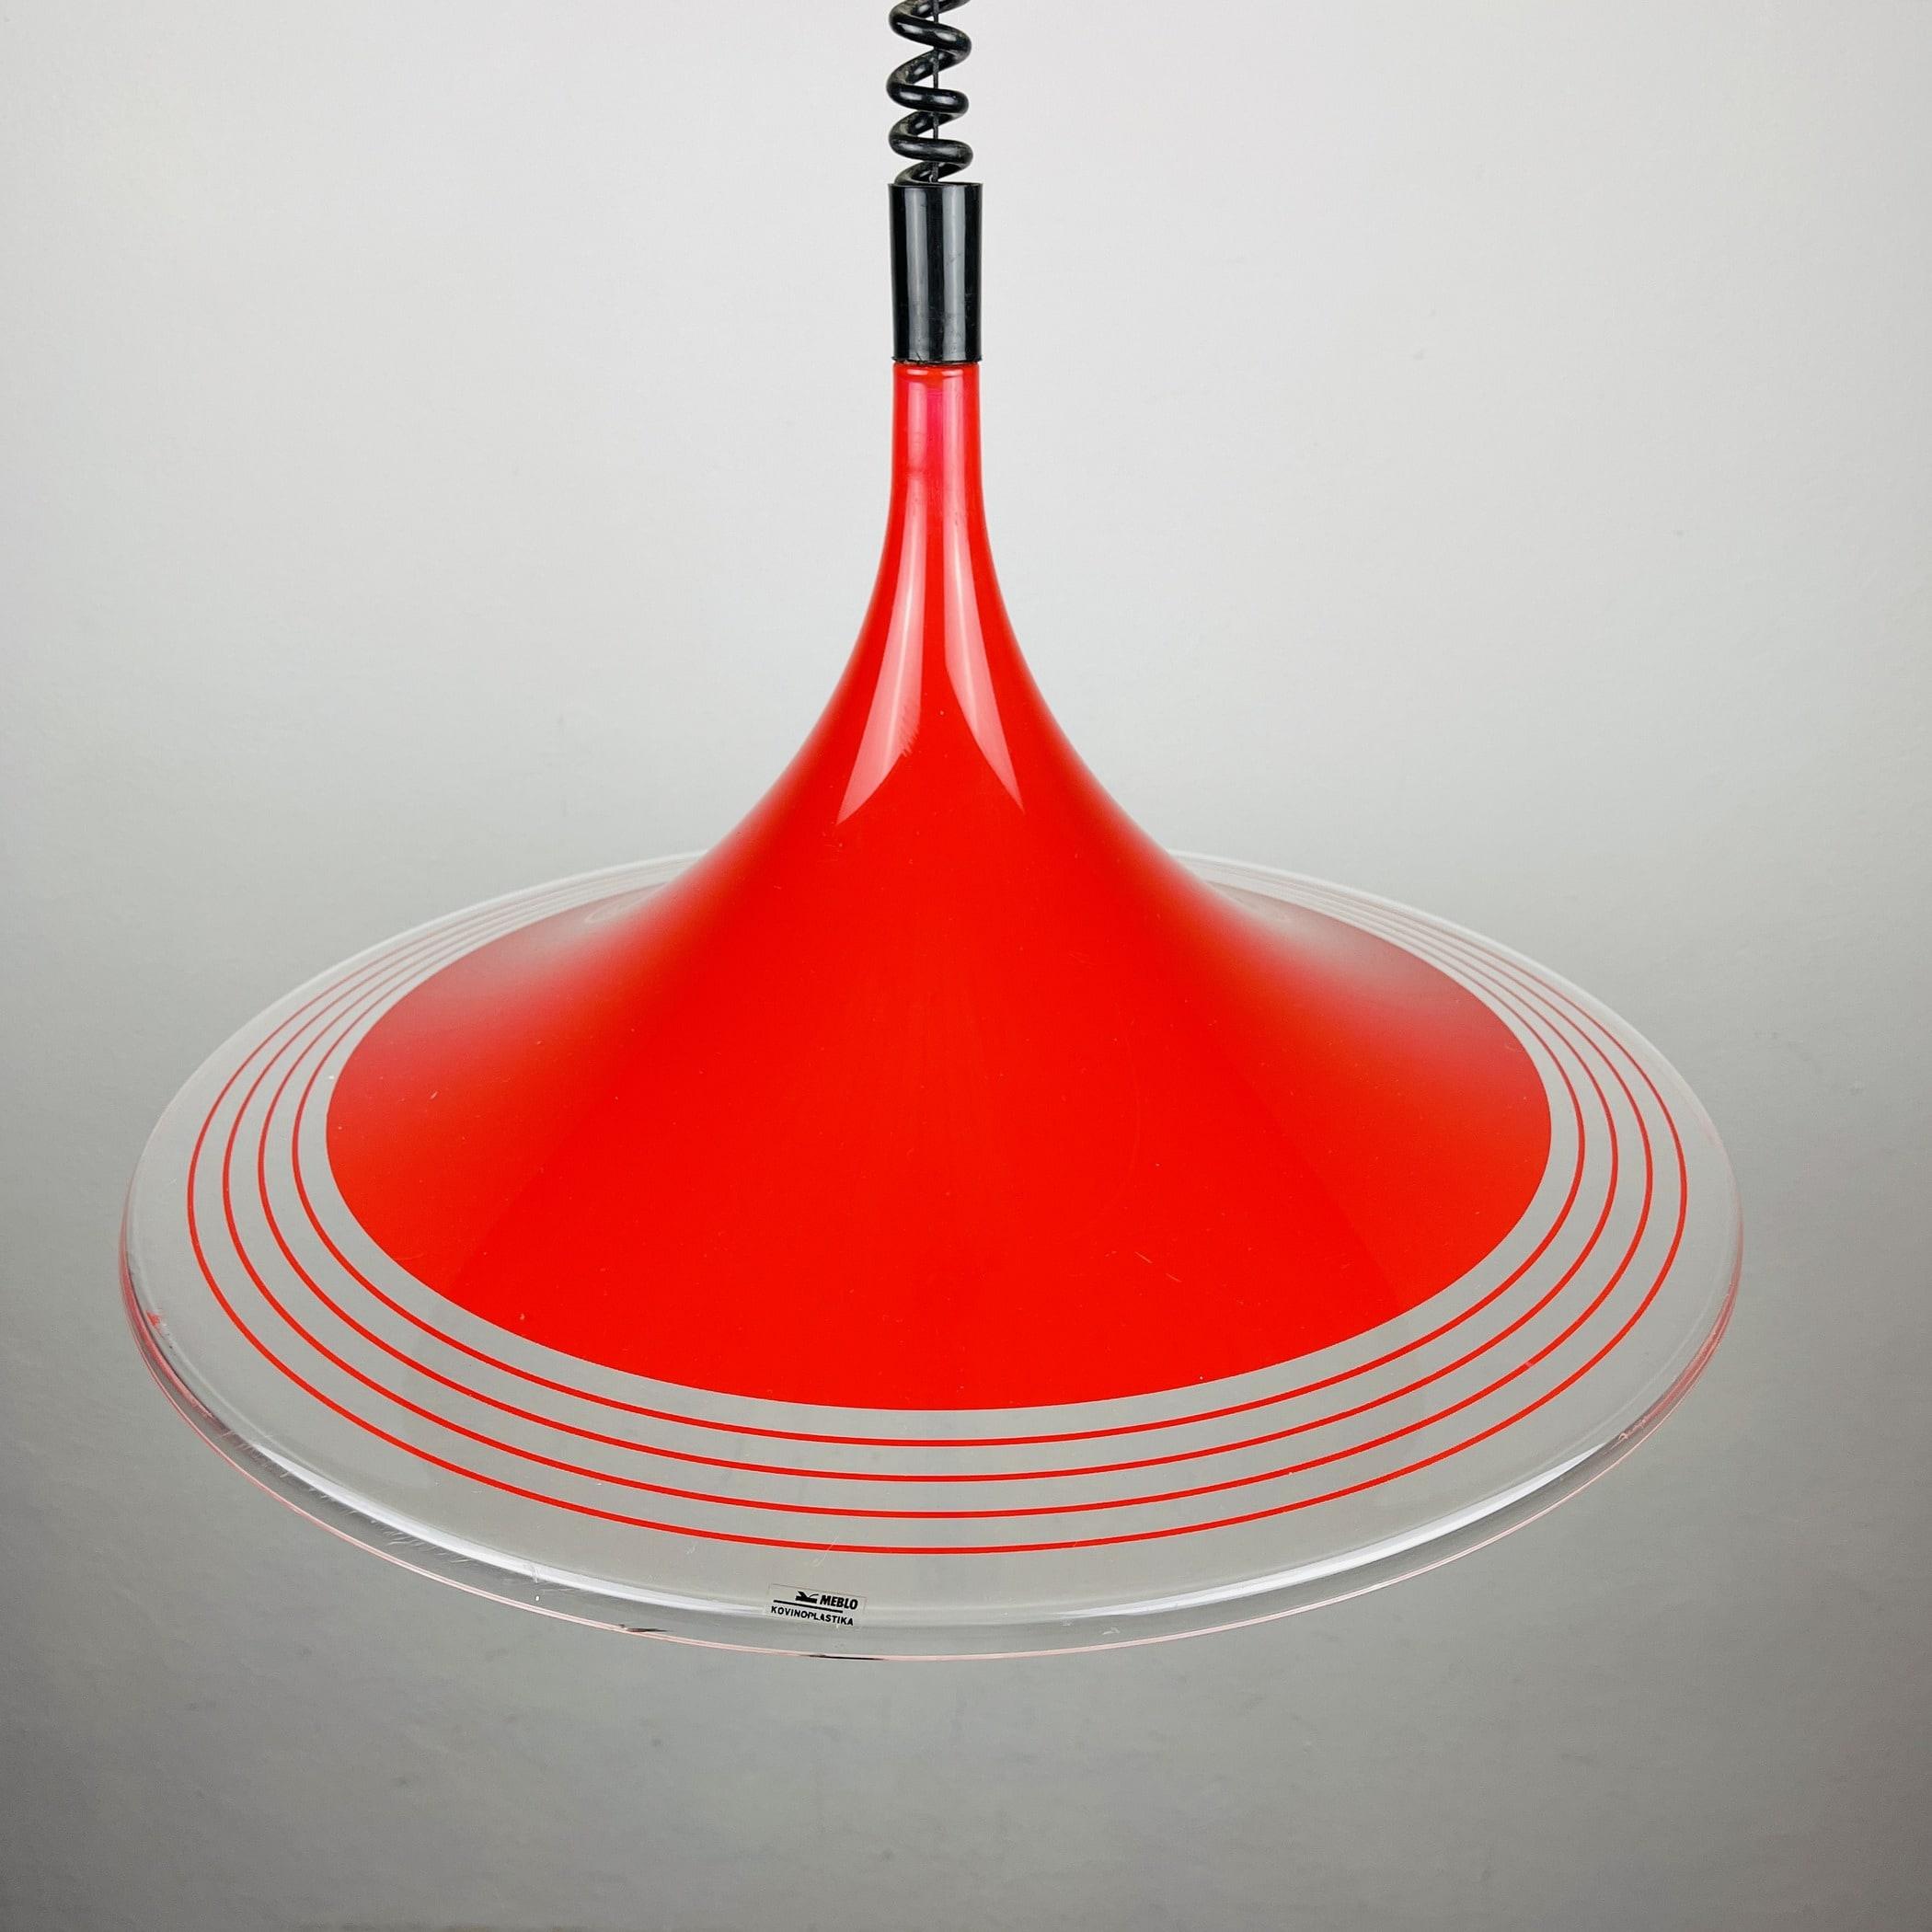 Mid-century red plastic pendant lamp Albatros Meblo Yugoslavia 1970s Space age atomic